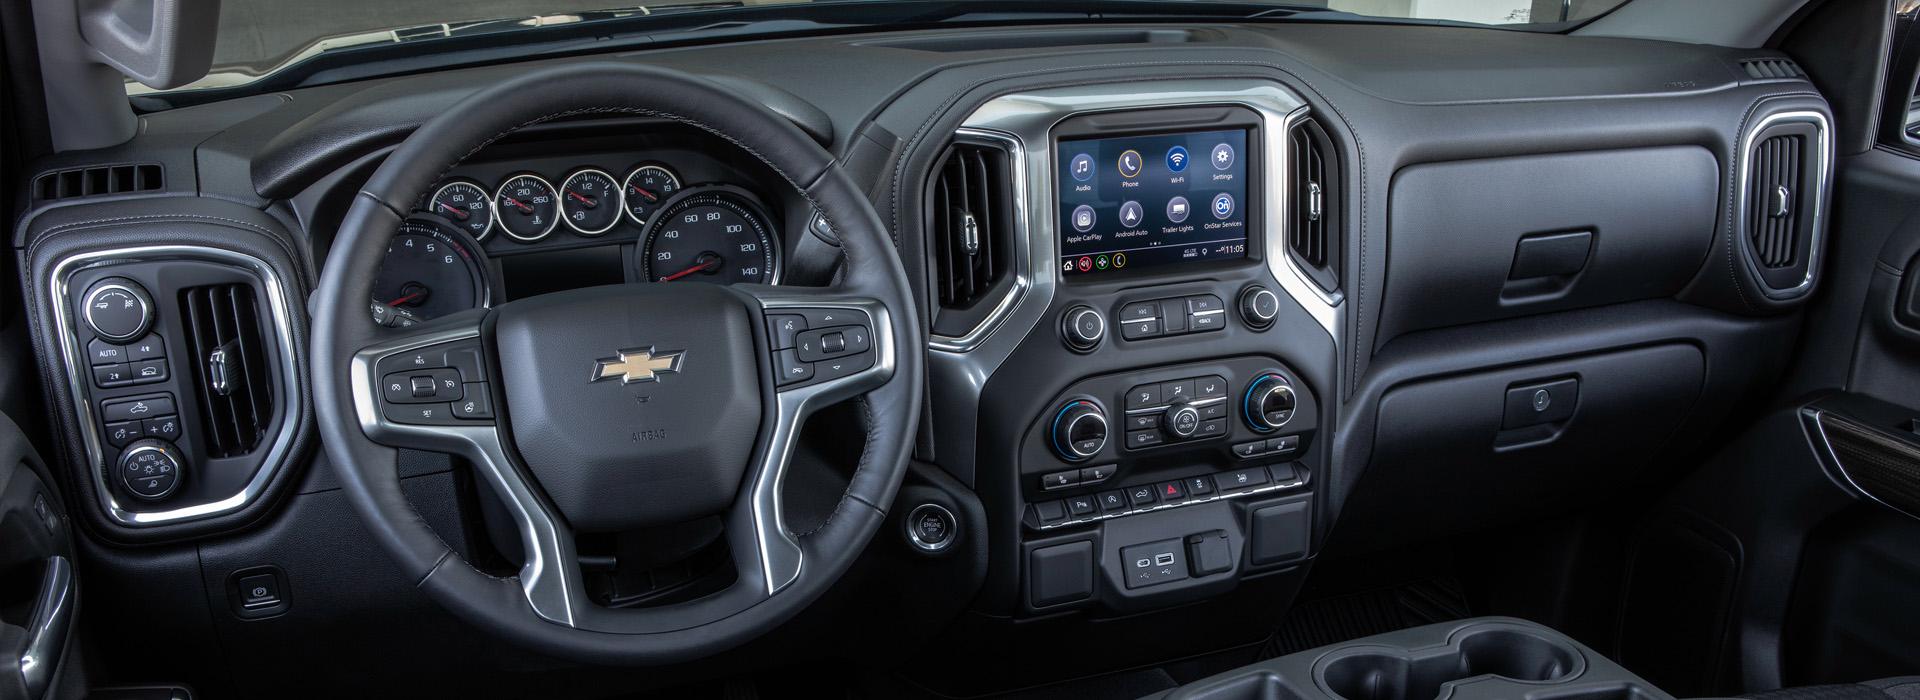 2019 Chevrolet Silverado interiör